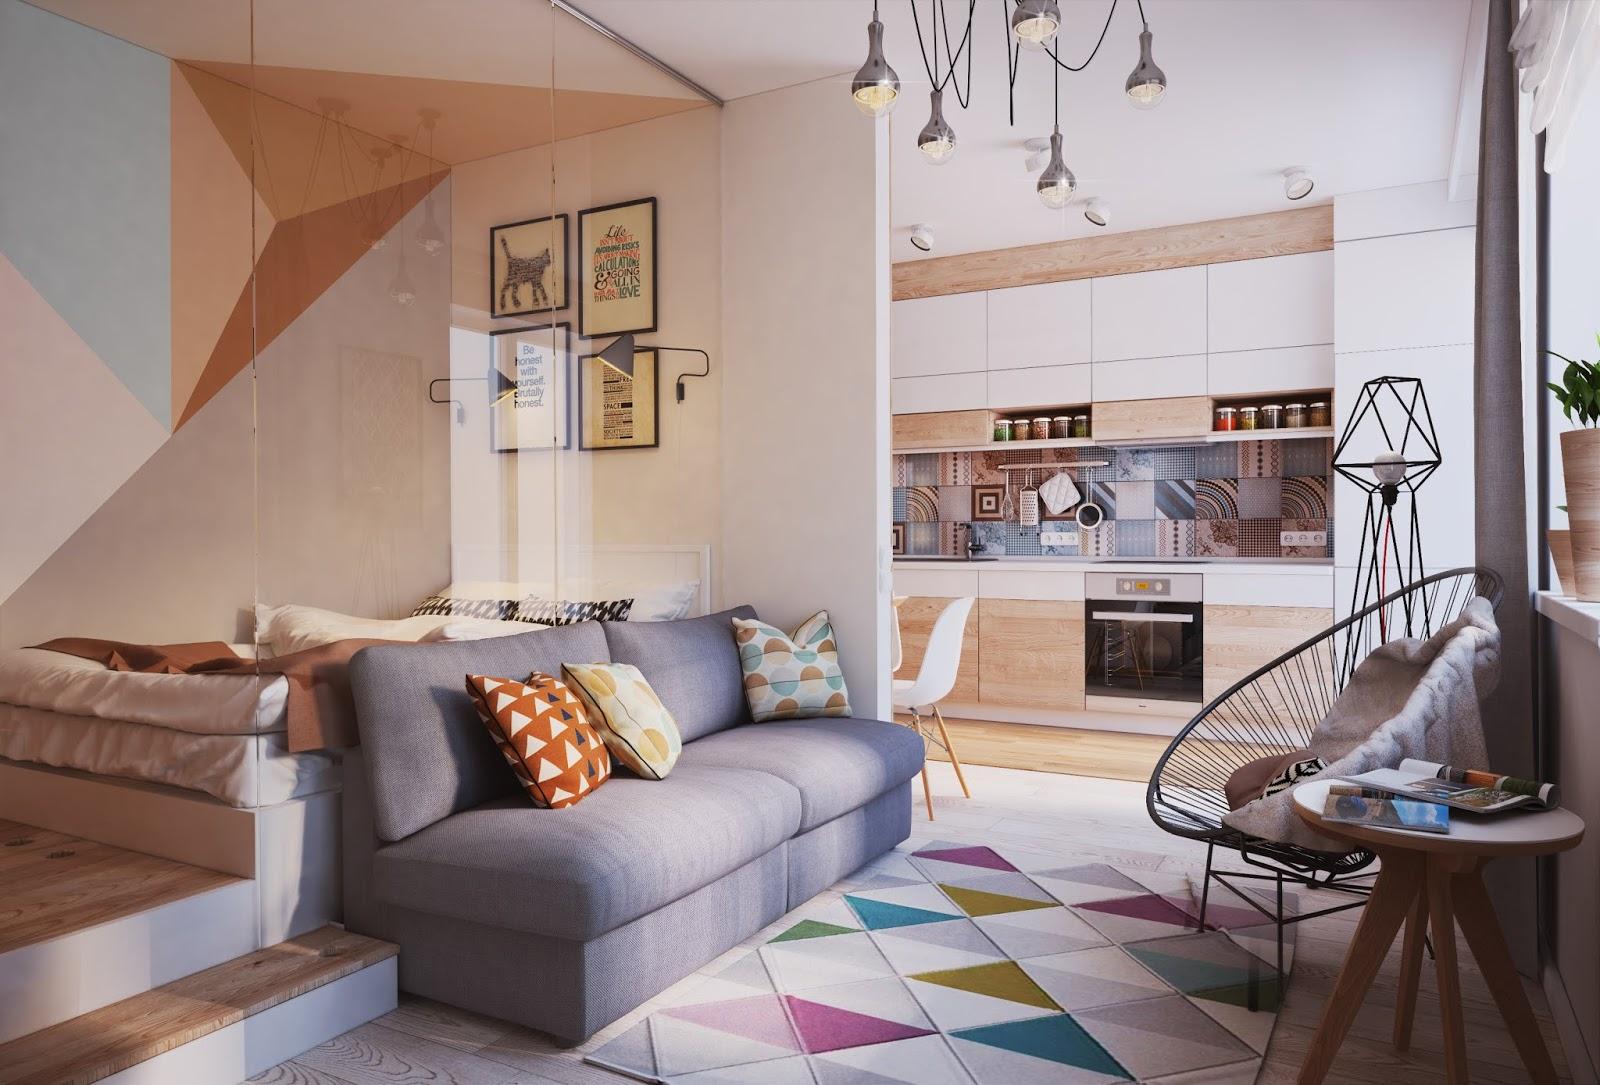 studio apartment living room design ideas